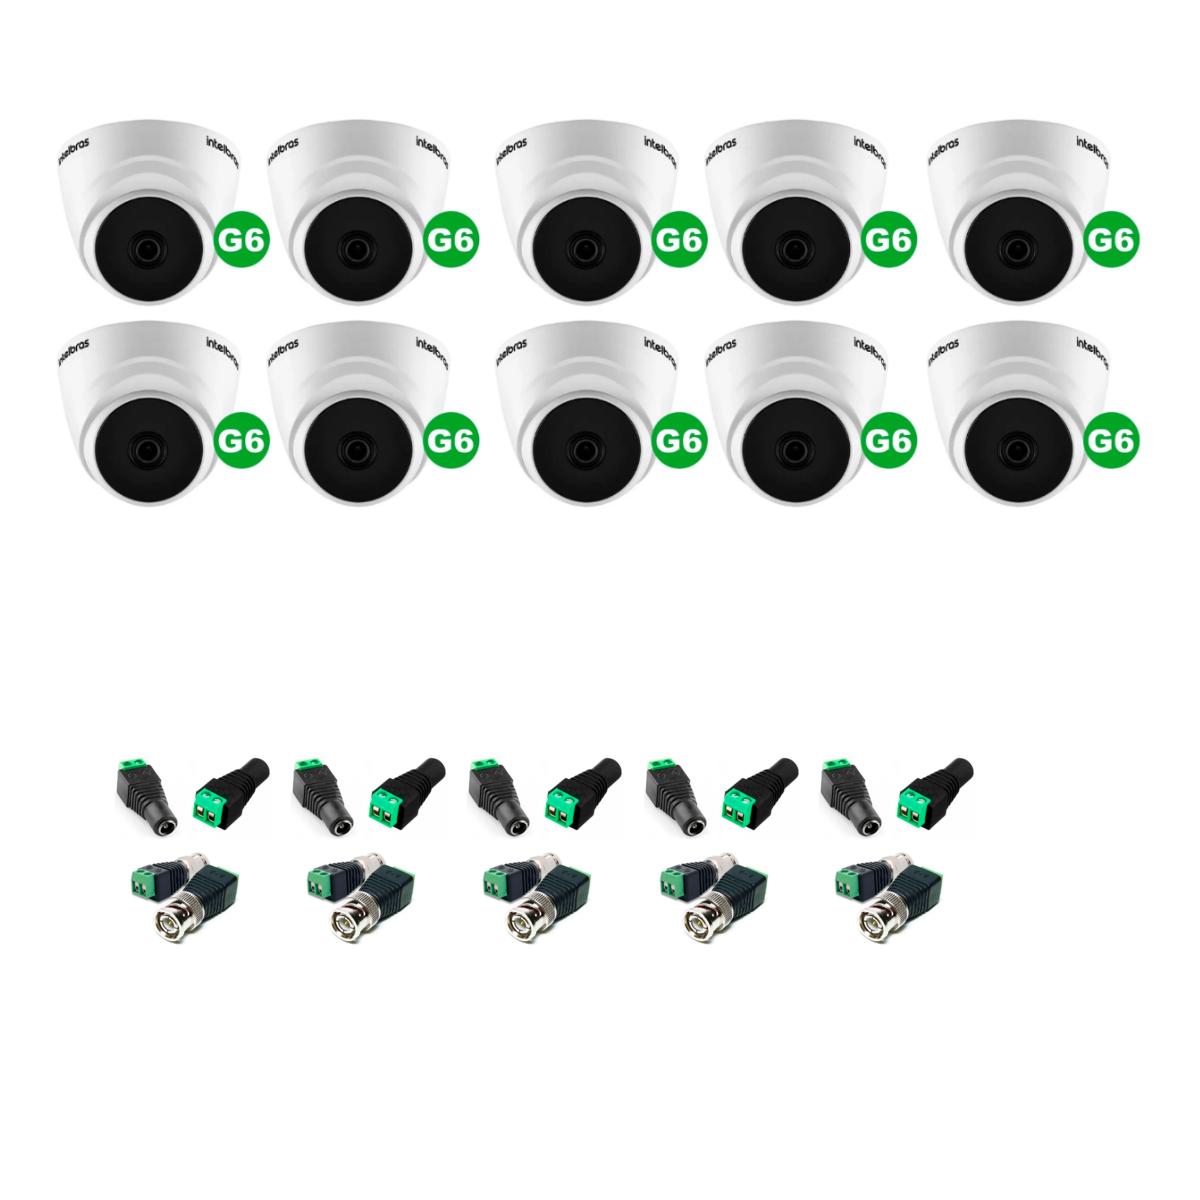 kit 10 Câmera Dome Intelbras VHD 1120 D G6 + Conectores